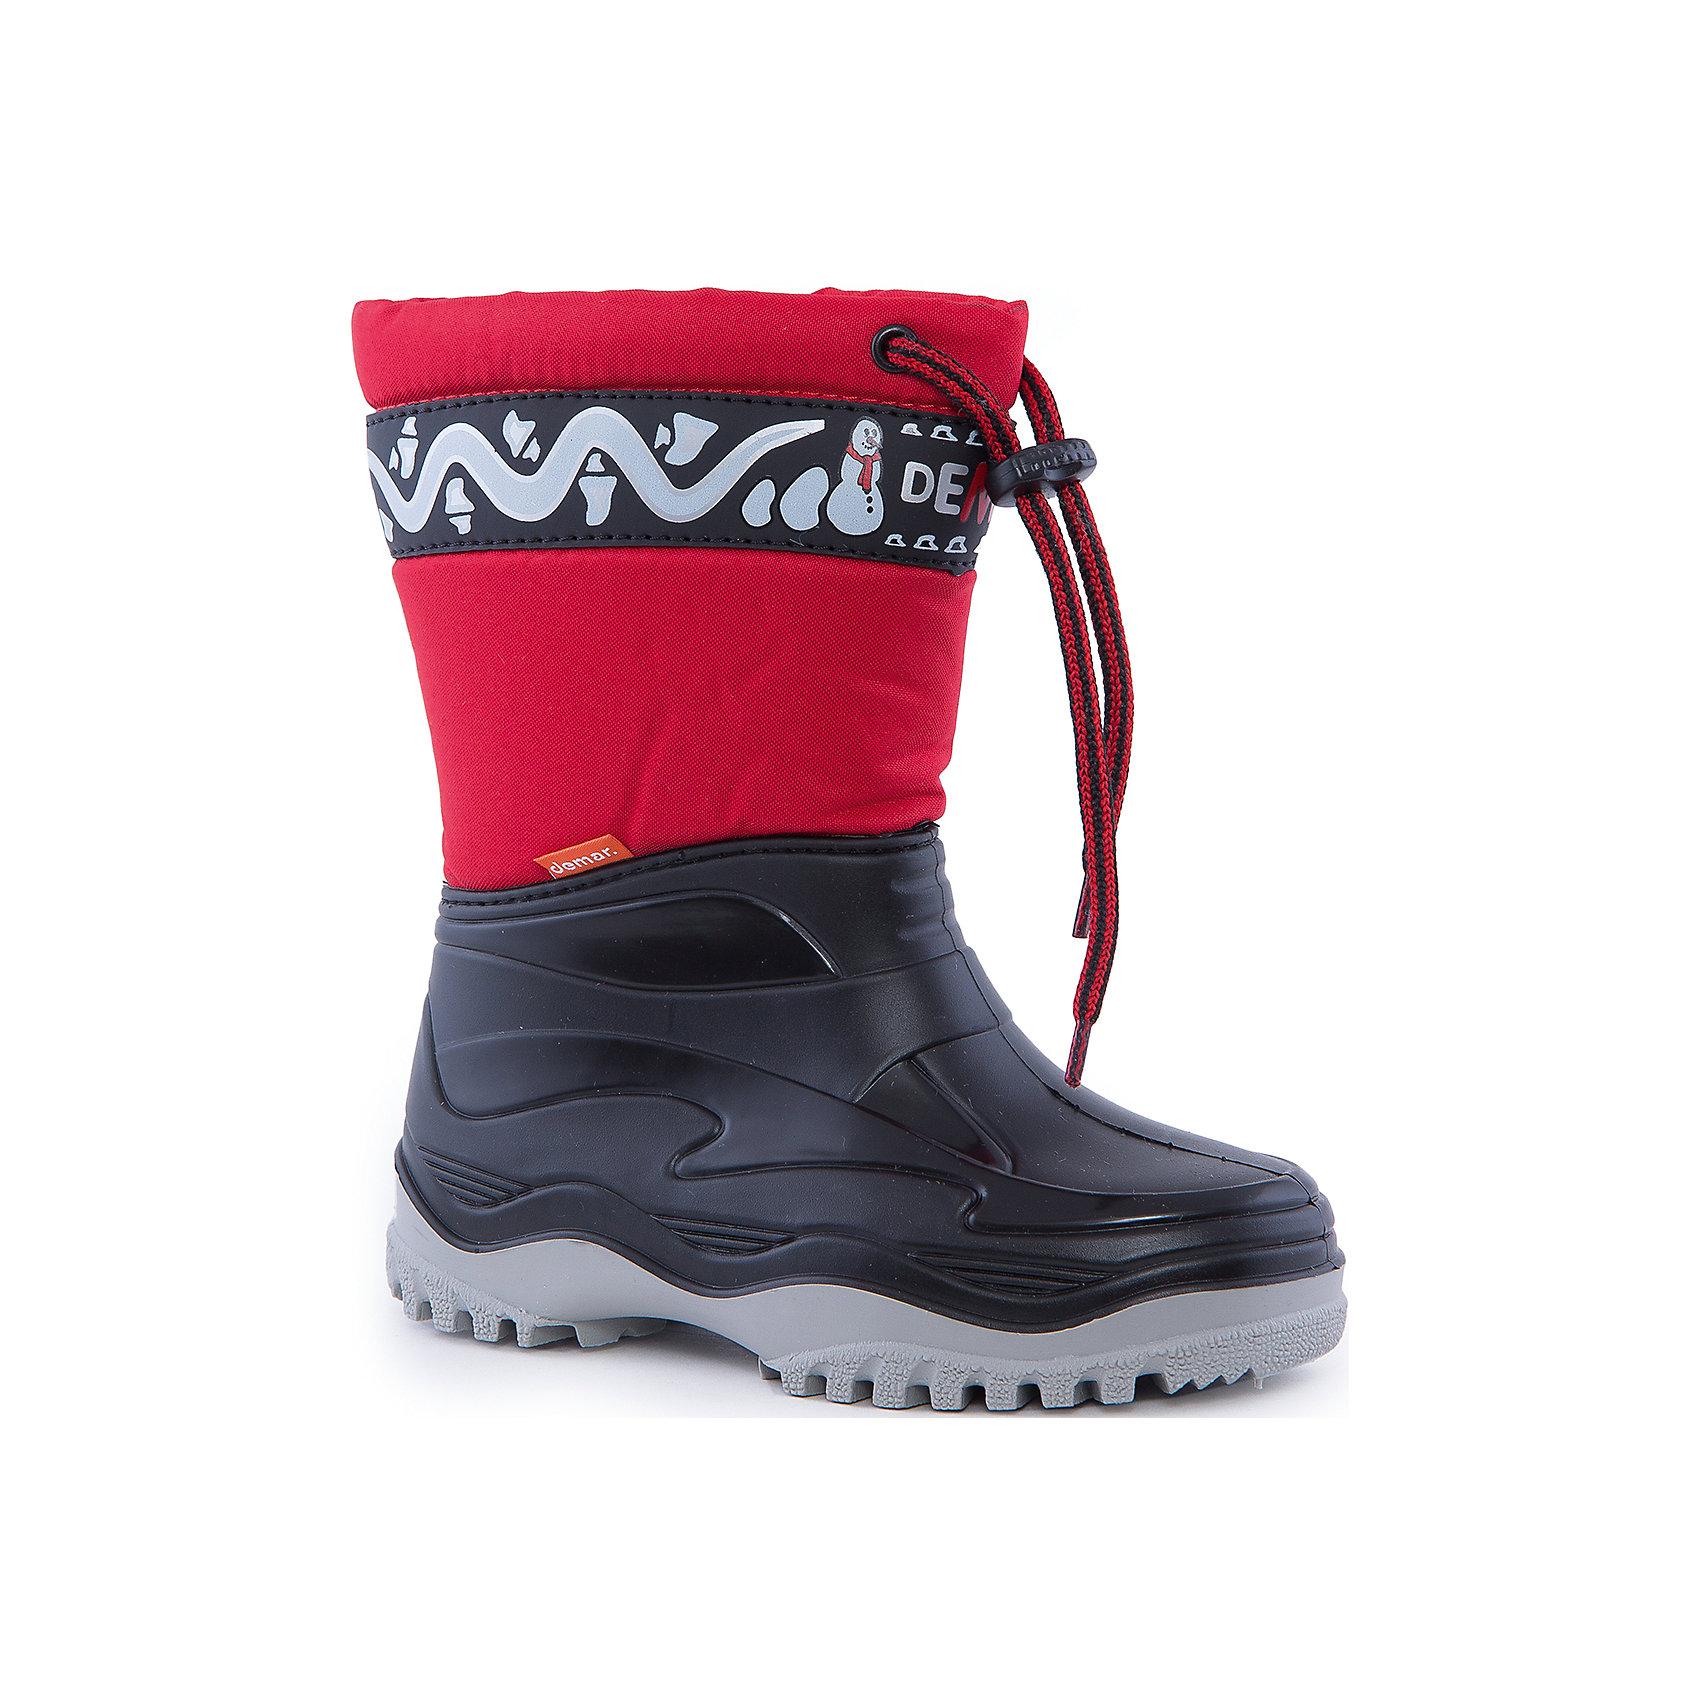 Сапоги Frost DEMARХарактеристики товара:<br><br>• цвет: красный<br>• материал верха: ПВХ<br>• материал подкладки: текстиль <br>• материал подошвы: ПВХ<br>• температурный режим: от 0° до +15° С<br>• верх не продувается<br>• утяжка по верху сапог<br>• утепленный чулок<br>• стильный дизайн<br>• страна бренда: Польша<br>• страна изготовитель: Польша<br><br>Осенью и весной ребенку не обойтись без непромокаемых сапожек! Чтобы не пропустить главные удовольствия межсезонья, нужно запастись удобной обувью. Такие сапожки обеспечат ребенку необходимый для активного отдыха комфорт, а подкладка из текстиля позволит ножкам оставаться теплыми. Сапожки легко надеваются и снимаются, отлично сидят на ноге. Они удивительно легкие!<br>Обувь от польского бренда Demar - это качественные товары, созданные с применением новейших технологий и с использованием как натуральных, так и высокотехнологичных материалов. Обувь отличается стильным дизайном и продуманной конструкцией. Изделие производится из качественных и проверенных материалов, которые безопасны для детей.<br><br>Сапоги от бренда Demar (Демар) можно купить в нашем интернет-магазине.<br><br>Ширина мм: 257<br>Глубина мм: 180<br>Высота мм: 130<br>Вес г: 420<br>Цвет: красный<br>Возраст от месяцев: 84<br>Возраст до месяцев: 96<br>Пол: Унисекс<br>Возраст: Детский<br>Размер: 30/31,32/33,26/27,28/29,34/35<br>SKU: 4916661